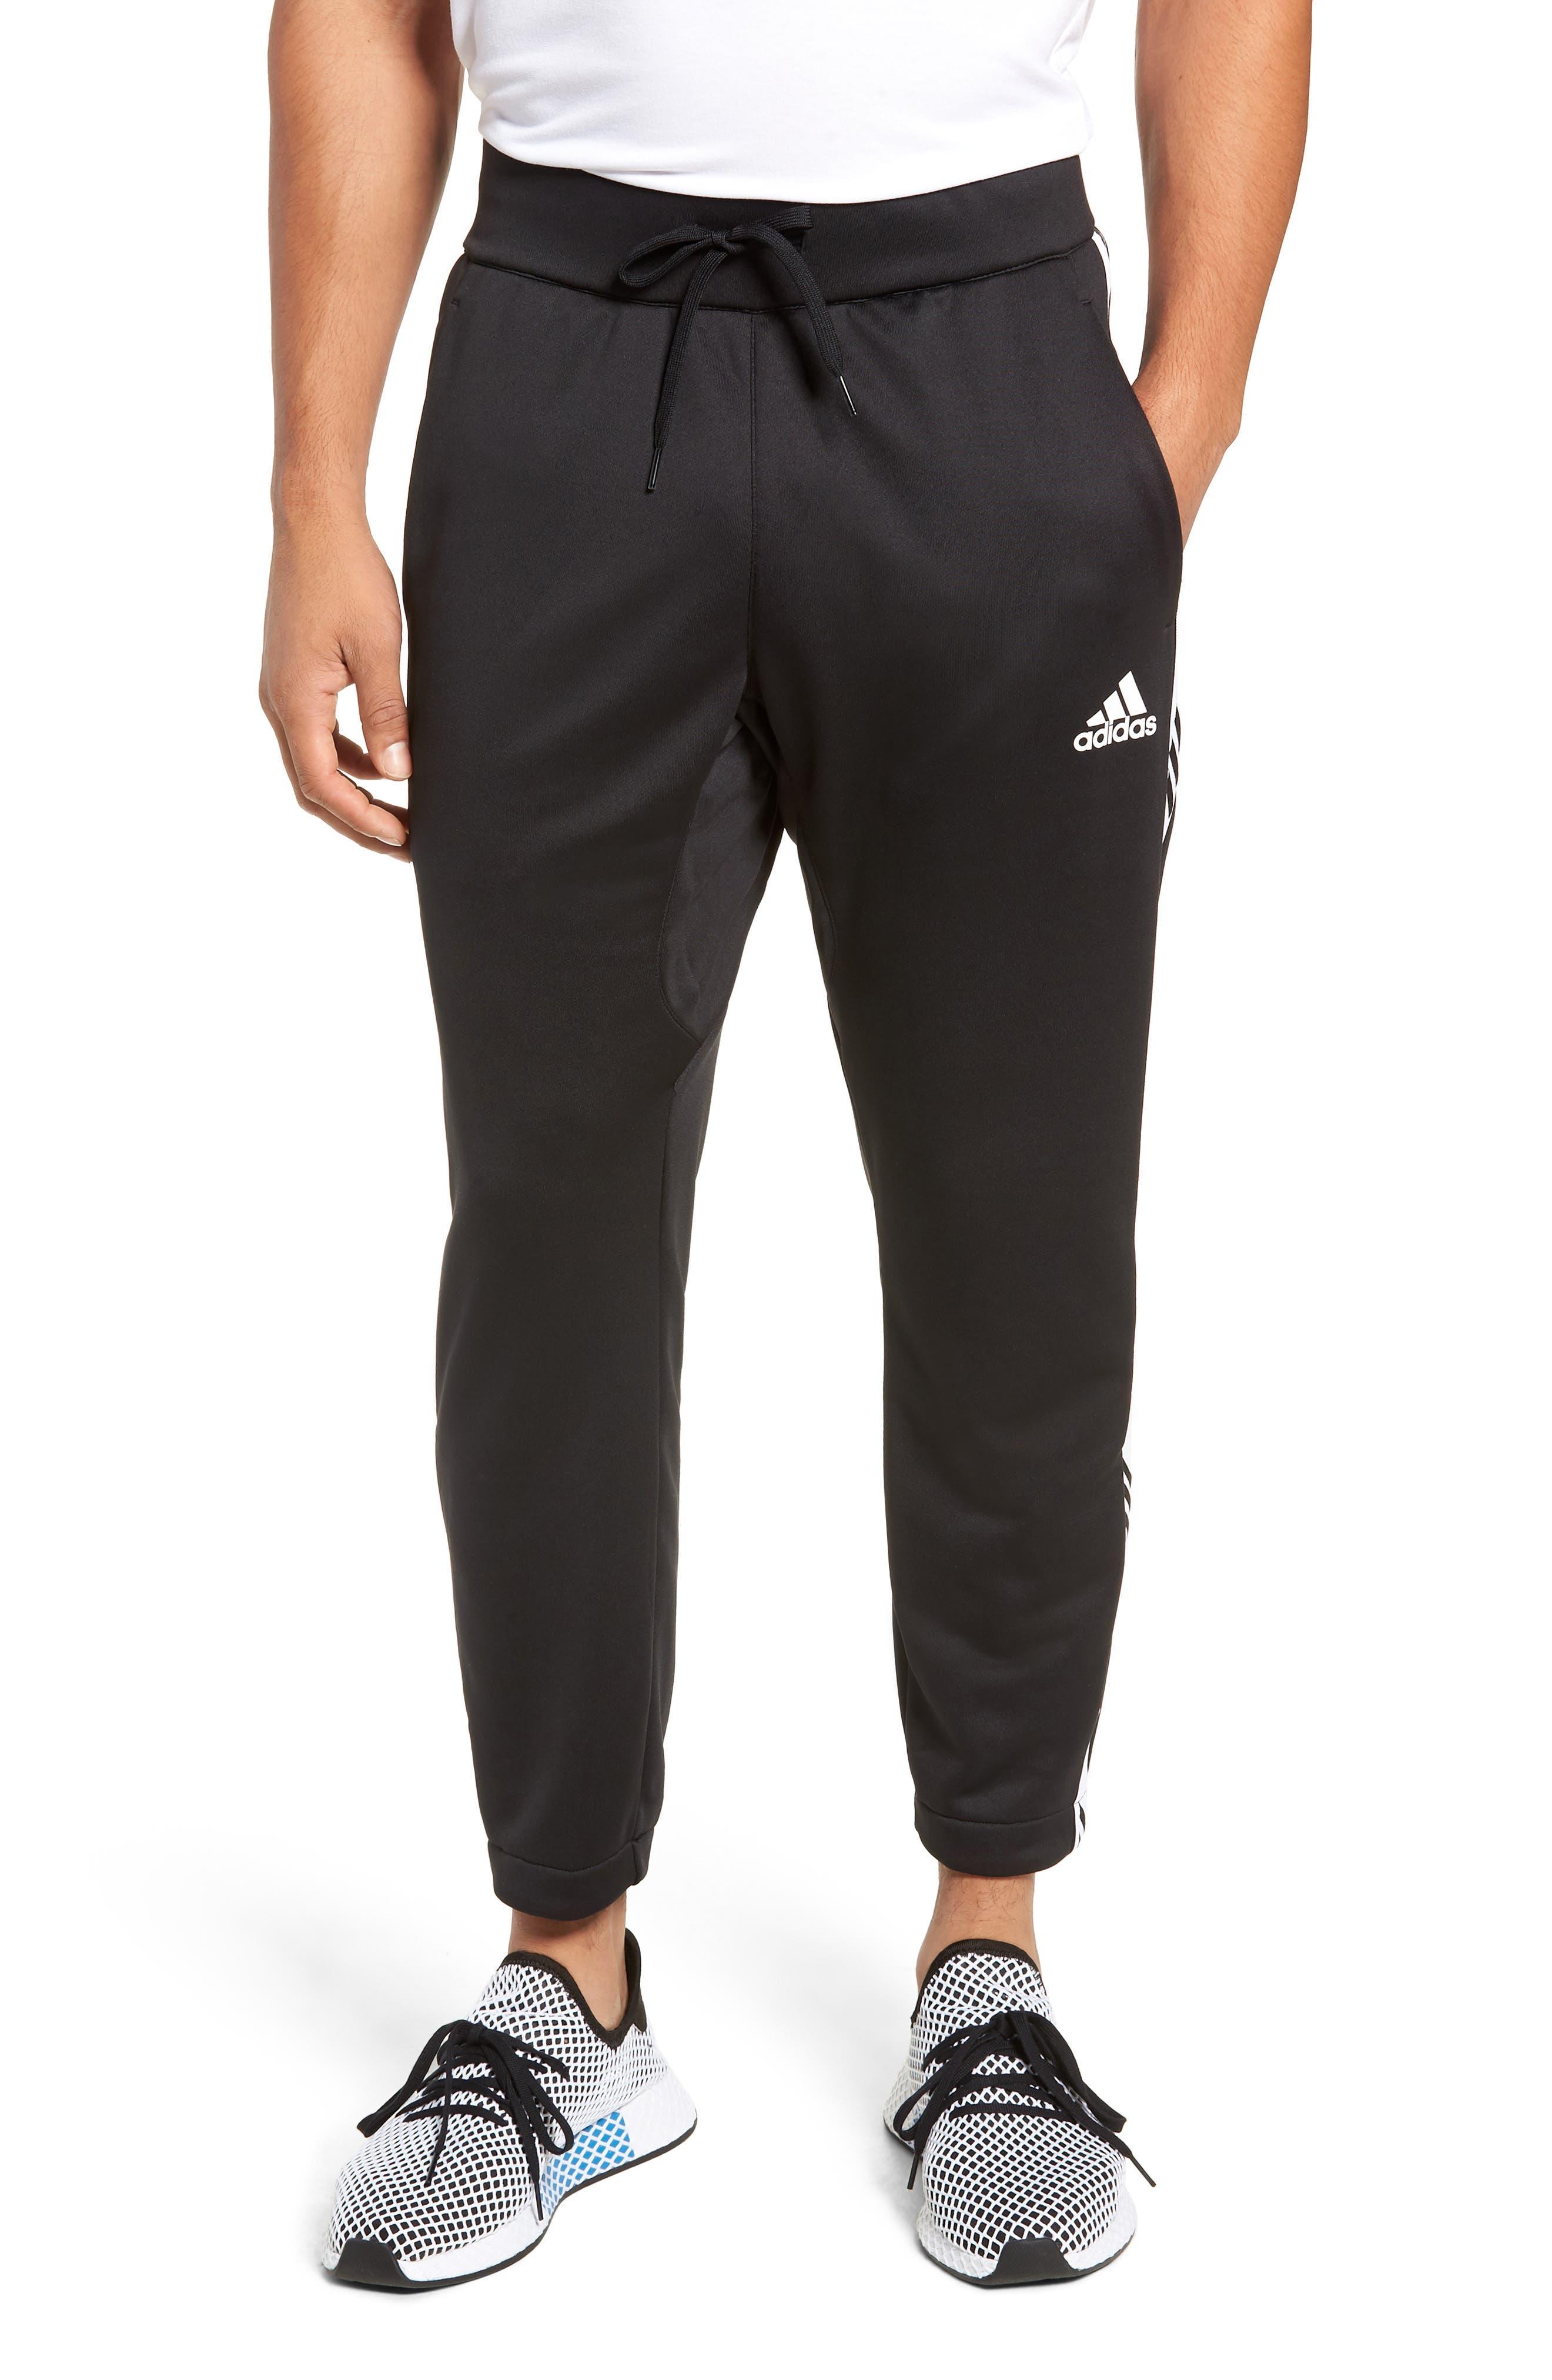 Men's Adidas Pro Madness Climalite Sweatpants